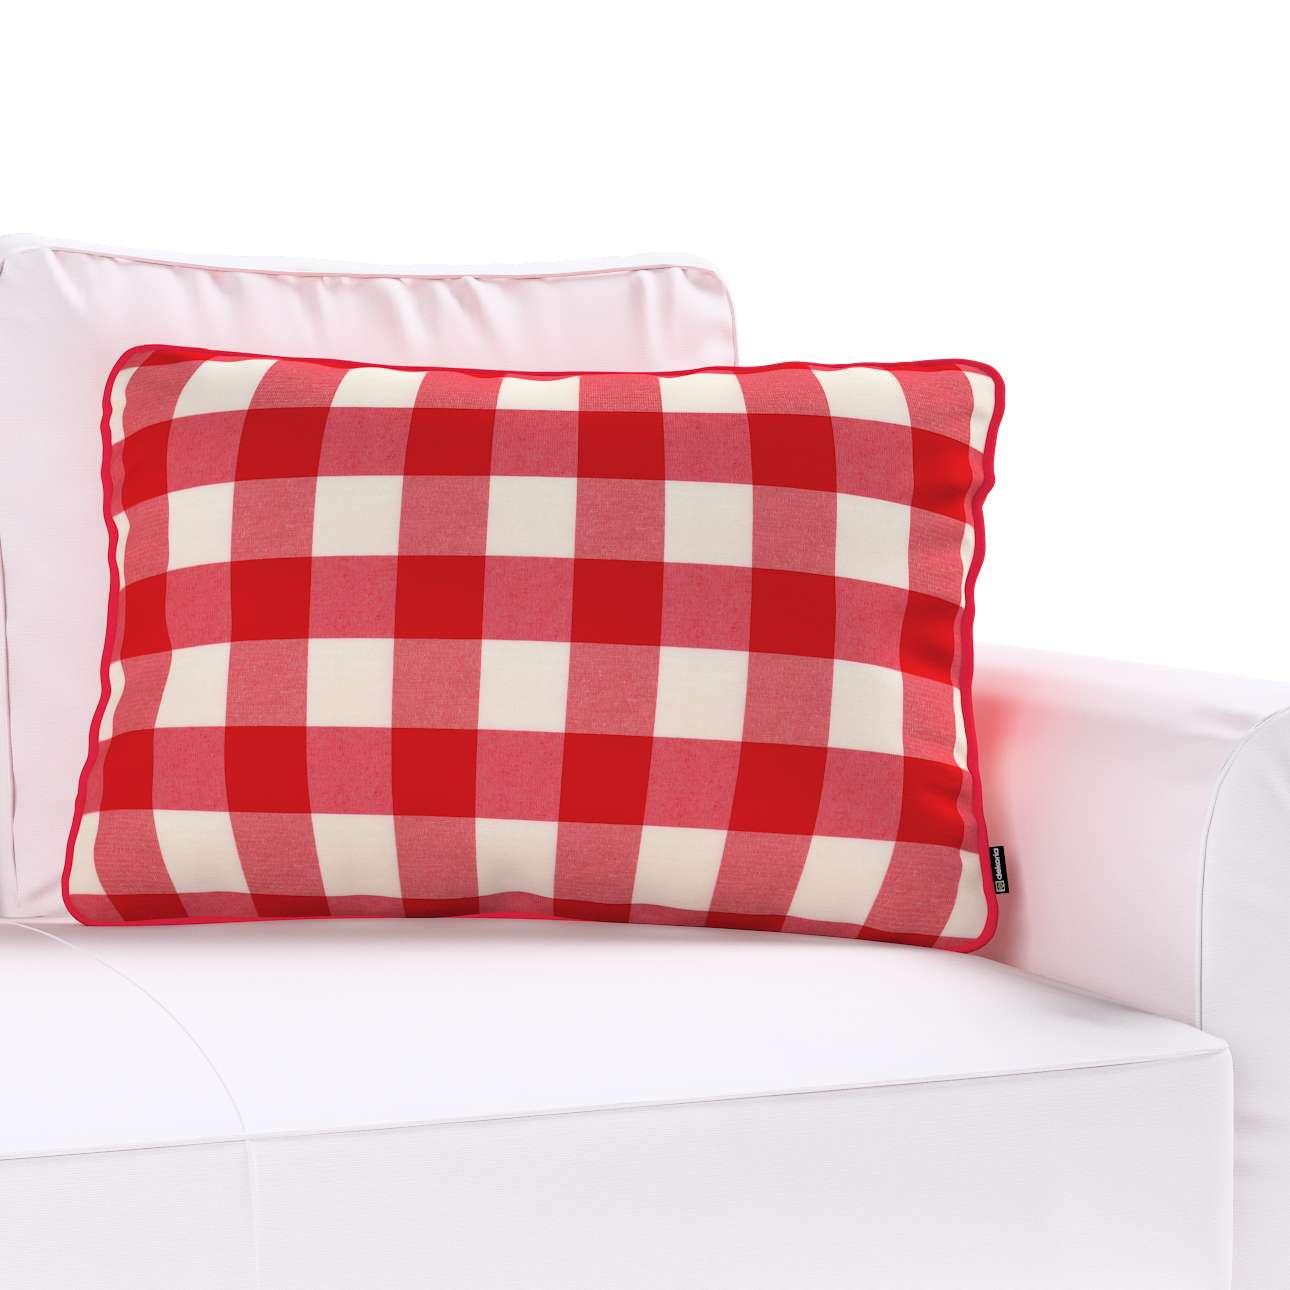 Poszewka Gabi na poduszkę prostokątna 60x40cm w kolekcji Quadro, tkanina: 136-18